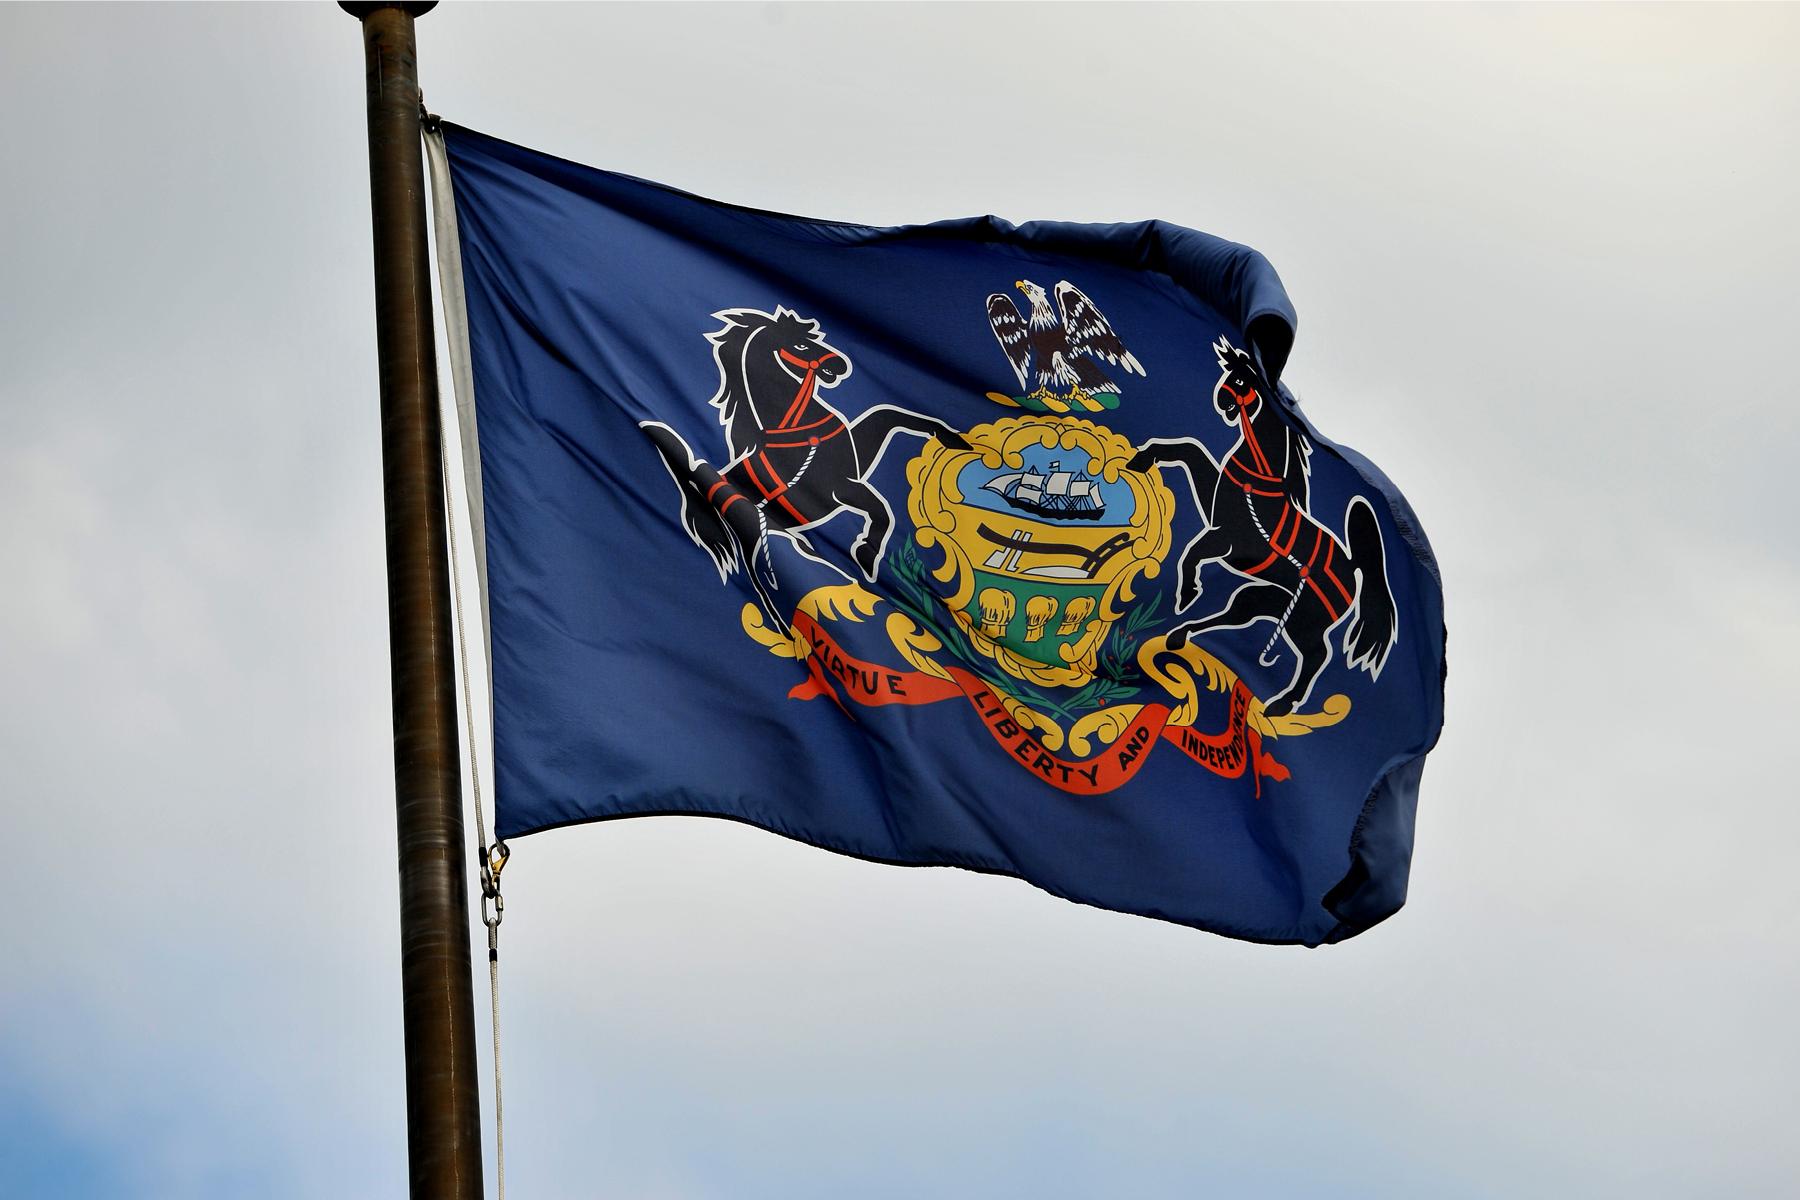 PA flag resized for web.jpg